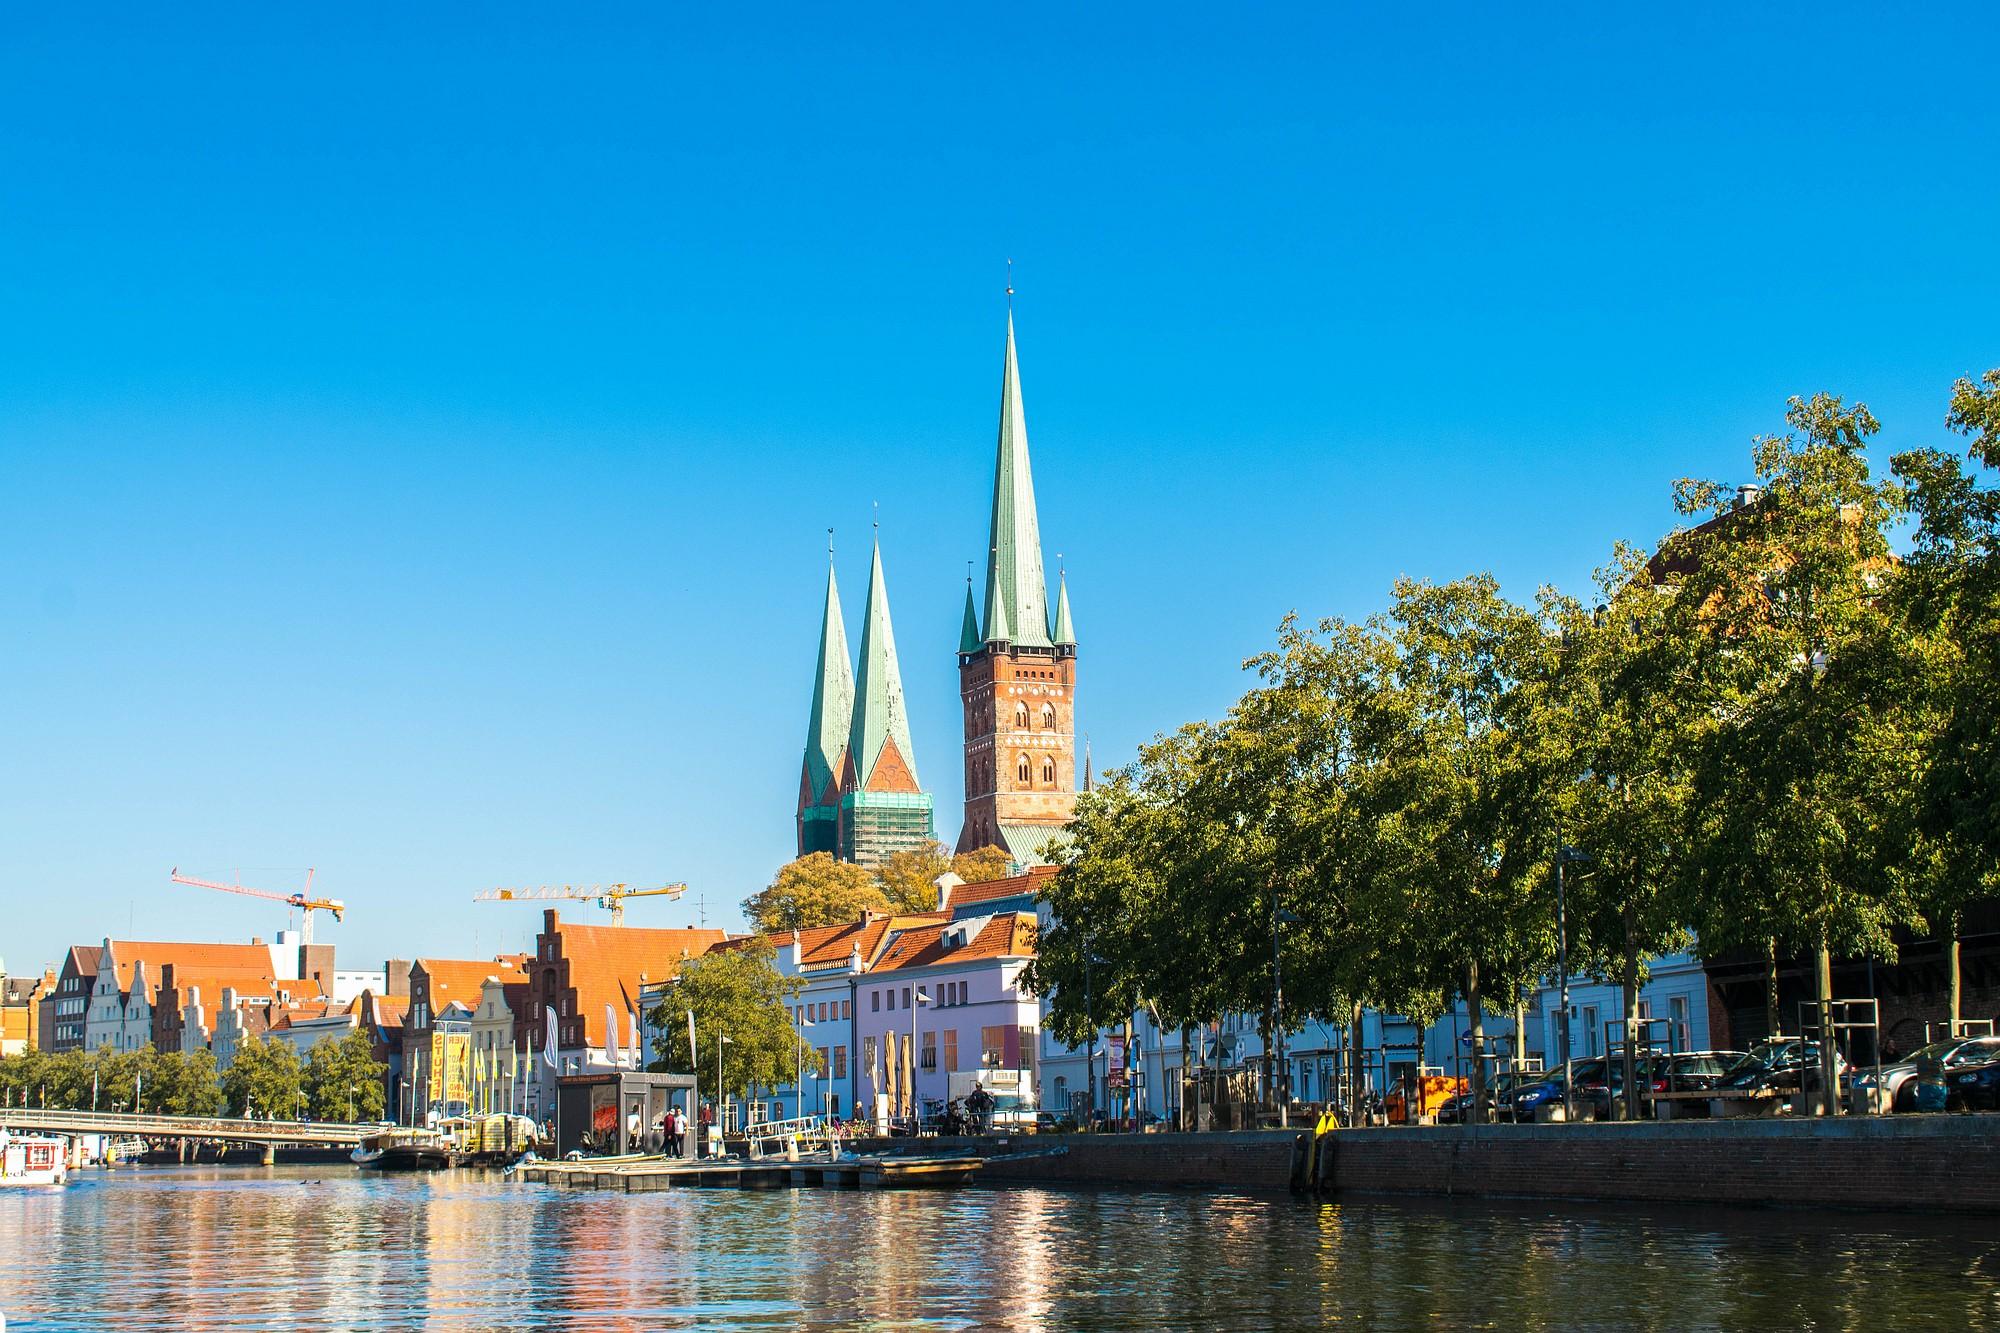 Utsikt til Lübeck fra elven Trave